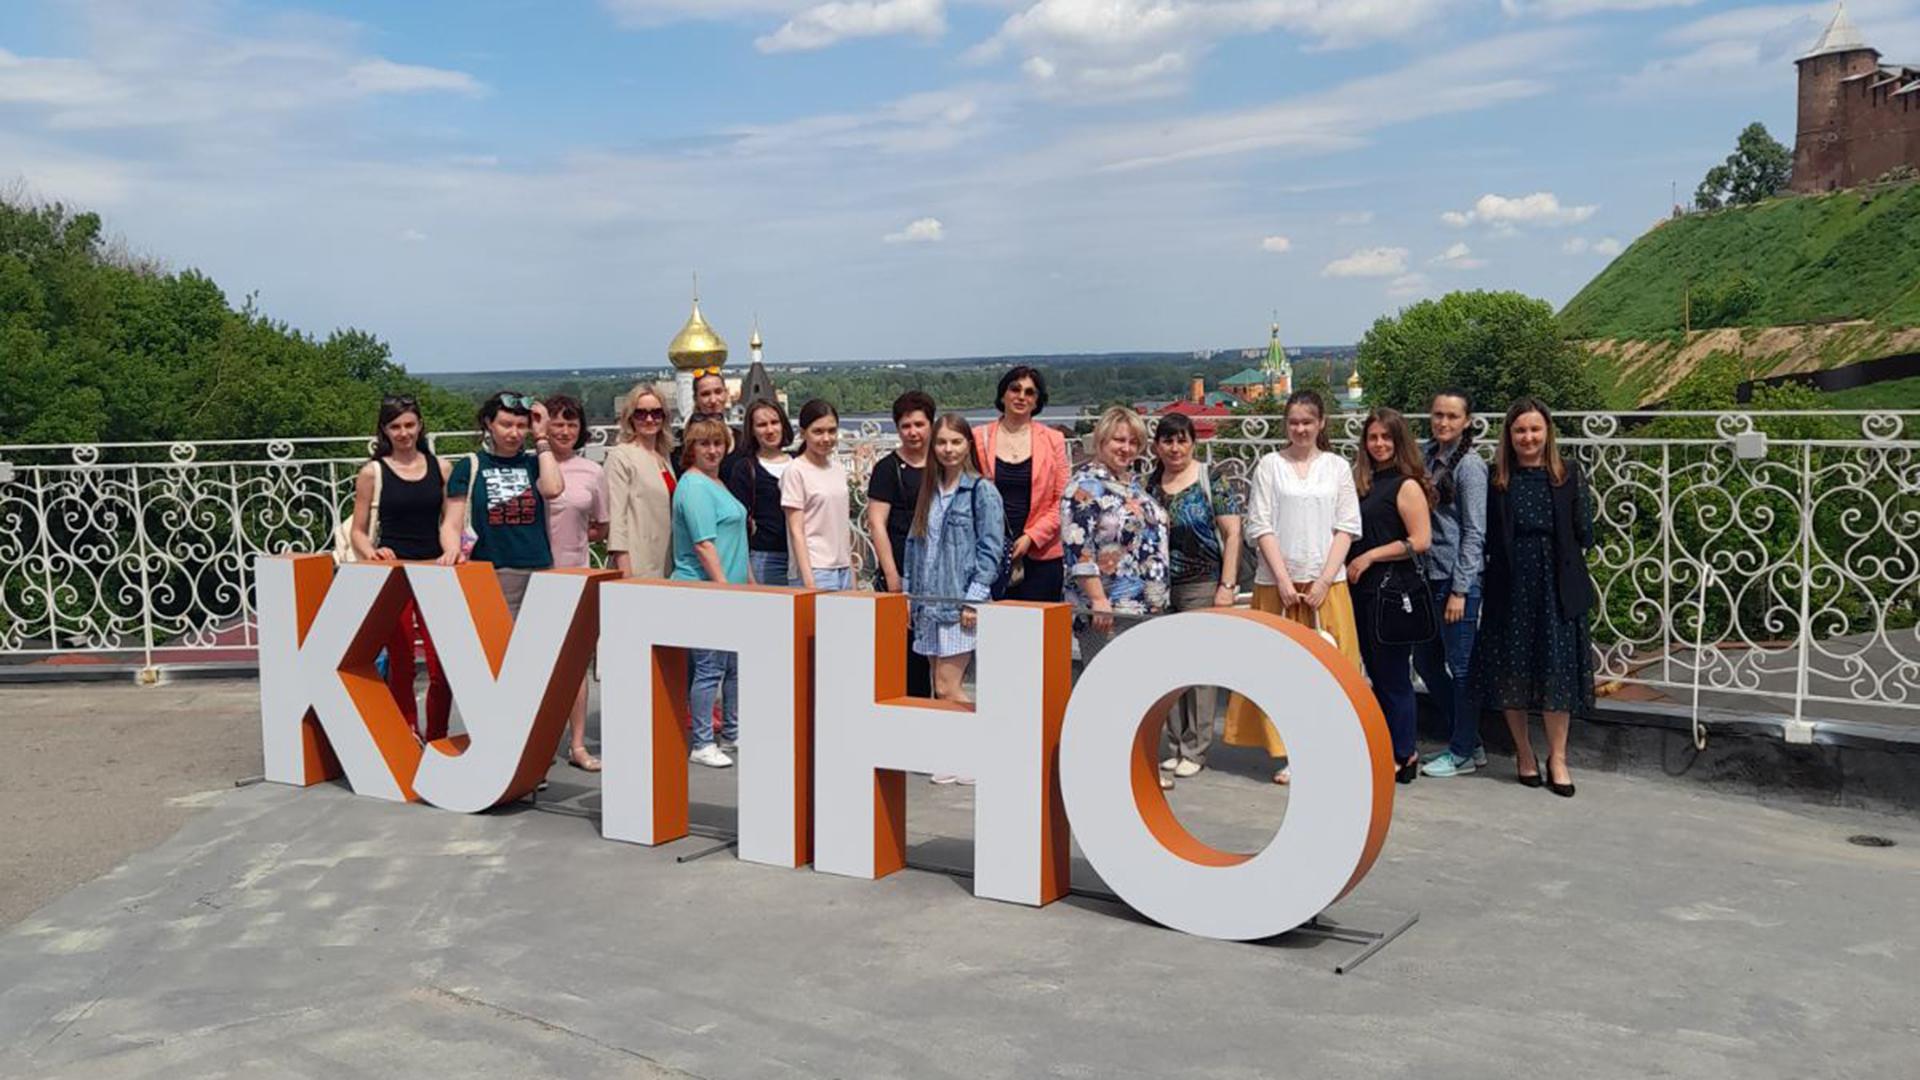 Специалисты центров занятости населения Нижегородской области совершенствуют компетенции карьерного консультирования в рамках программы повышения квалификации